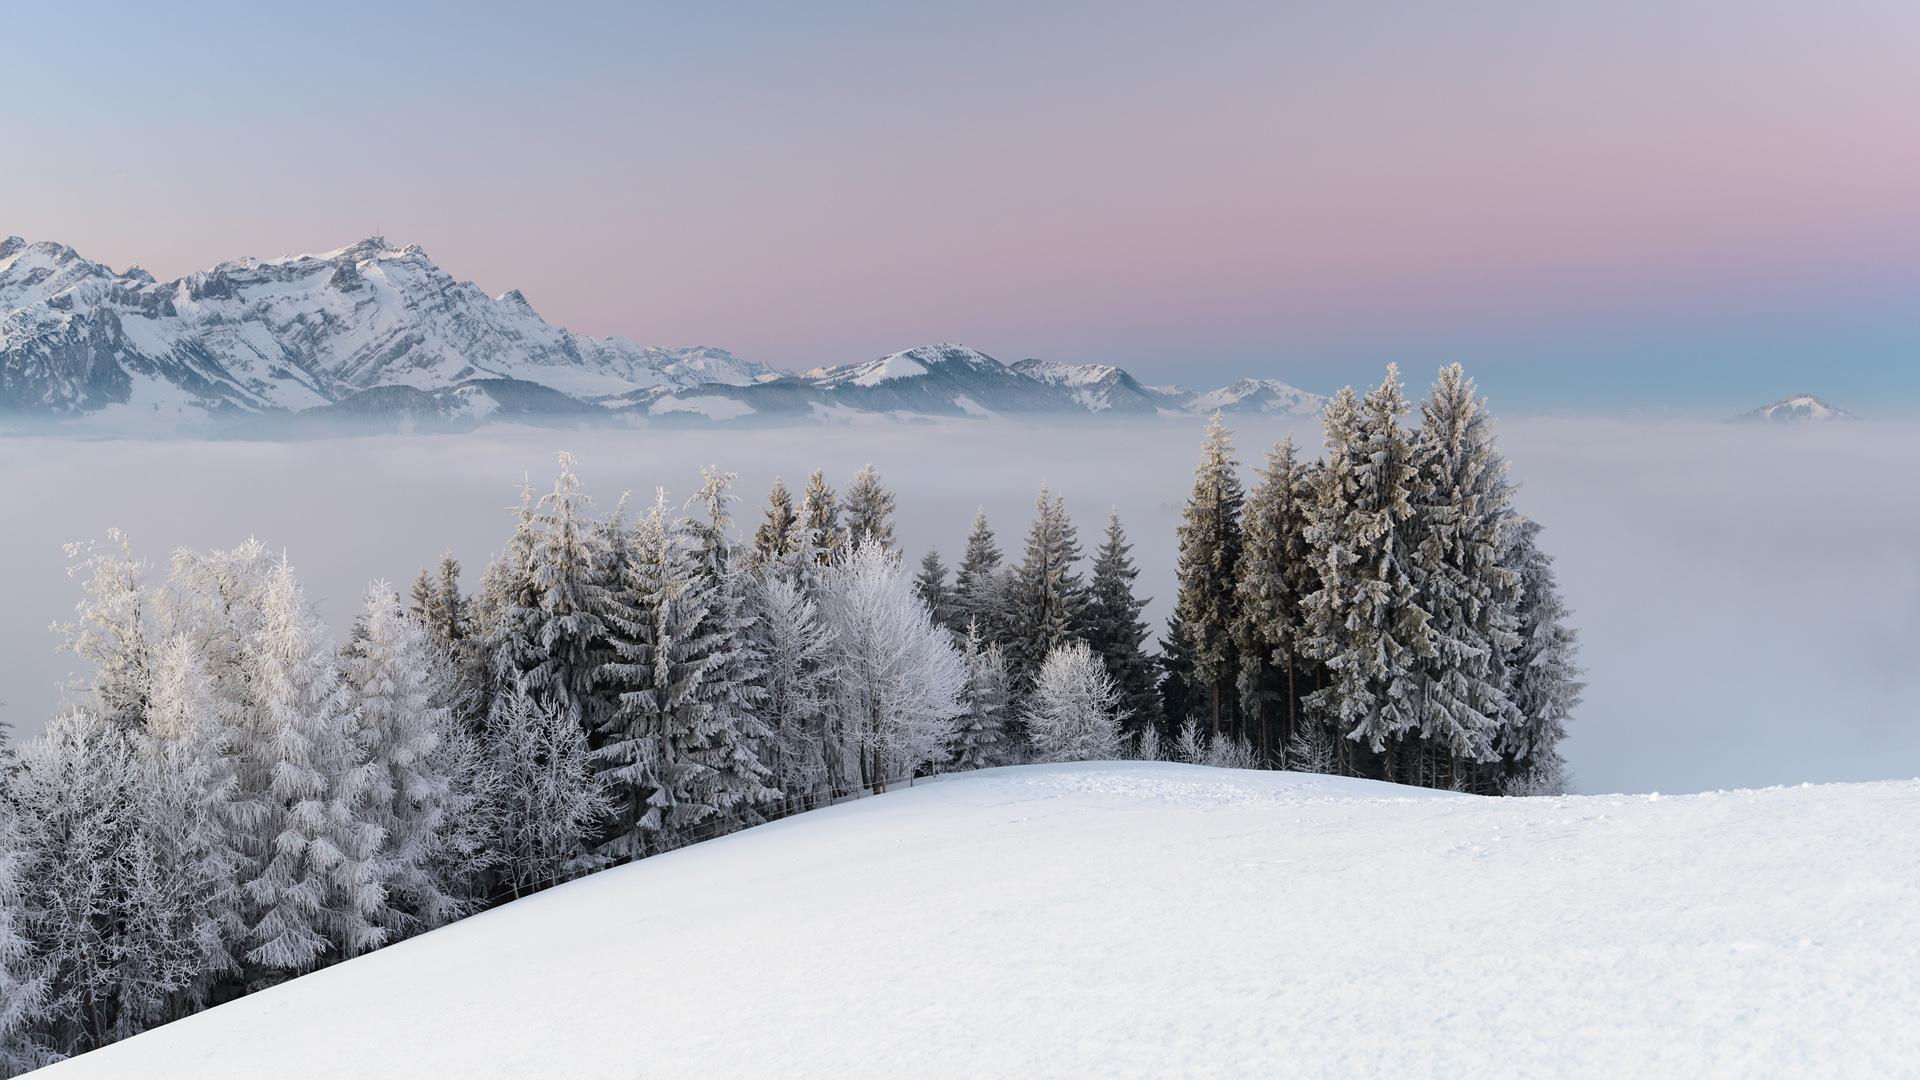 唯美雪景壁纸 冬季唯美高清雪景桌面壁纸